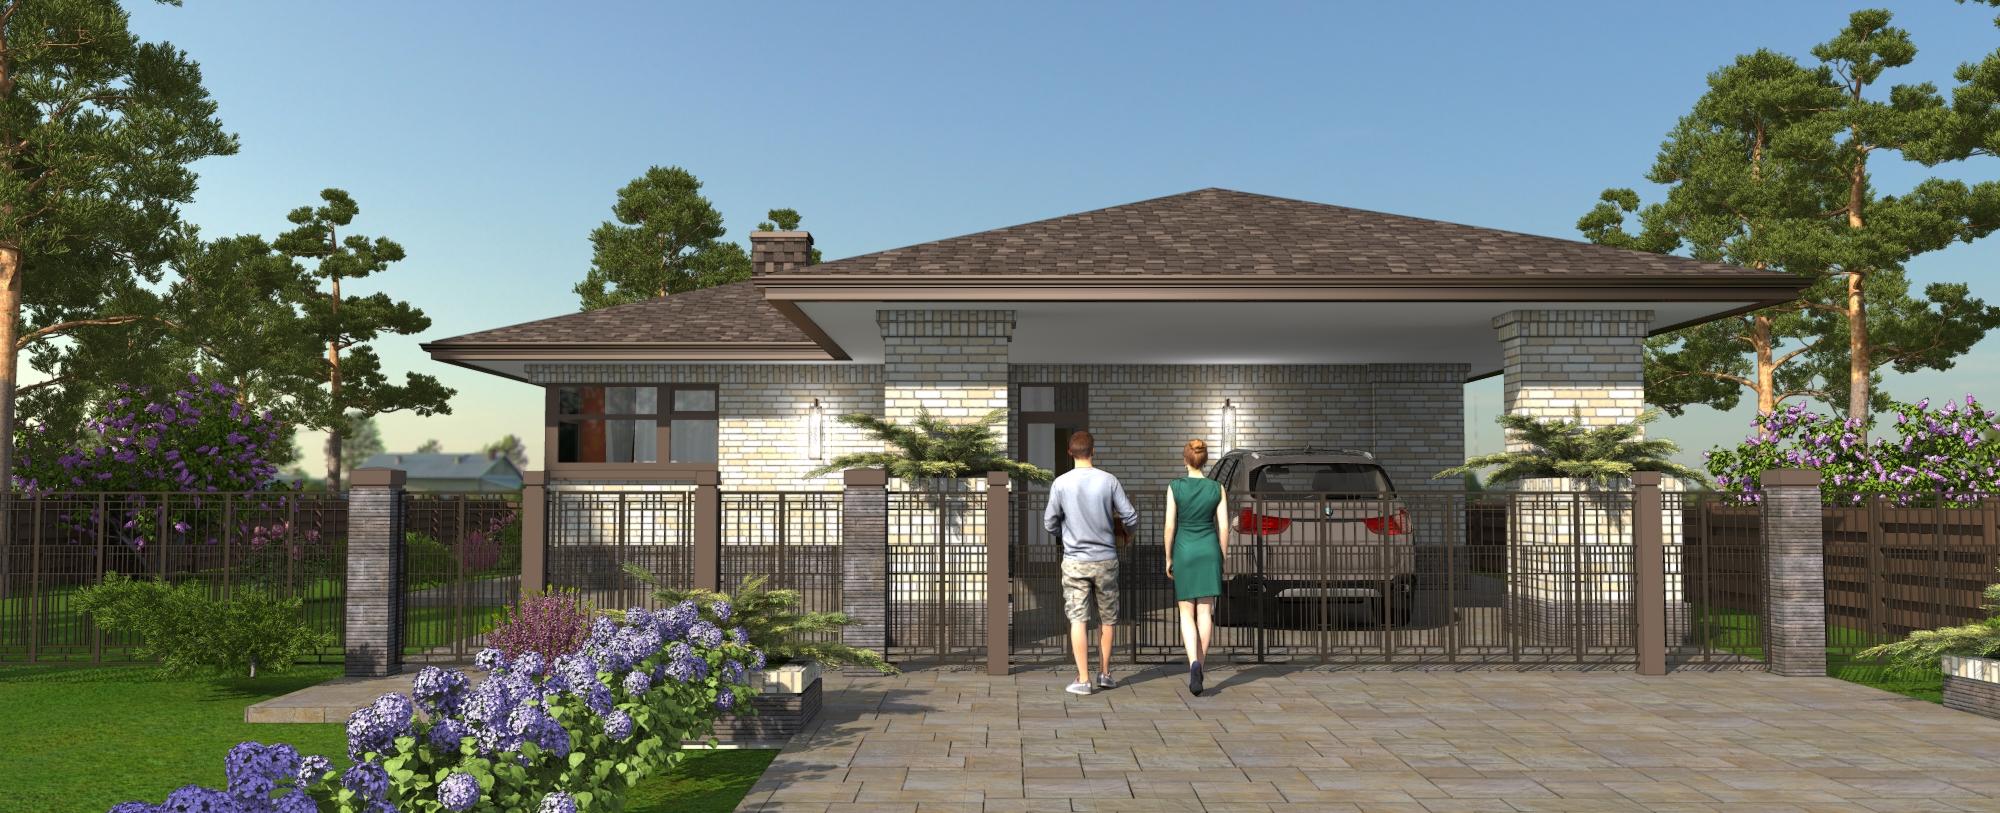 Проект дома - Валдайский - Экоплан фасад